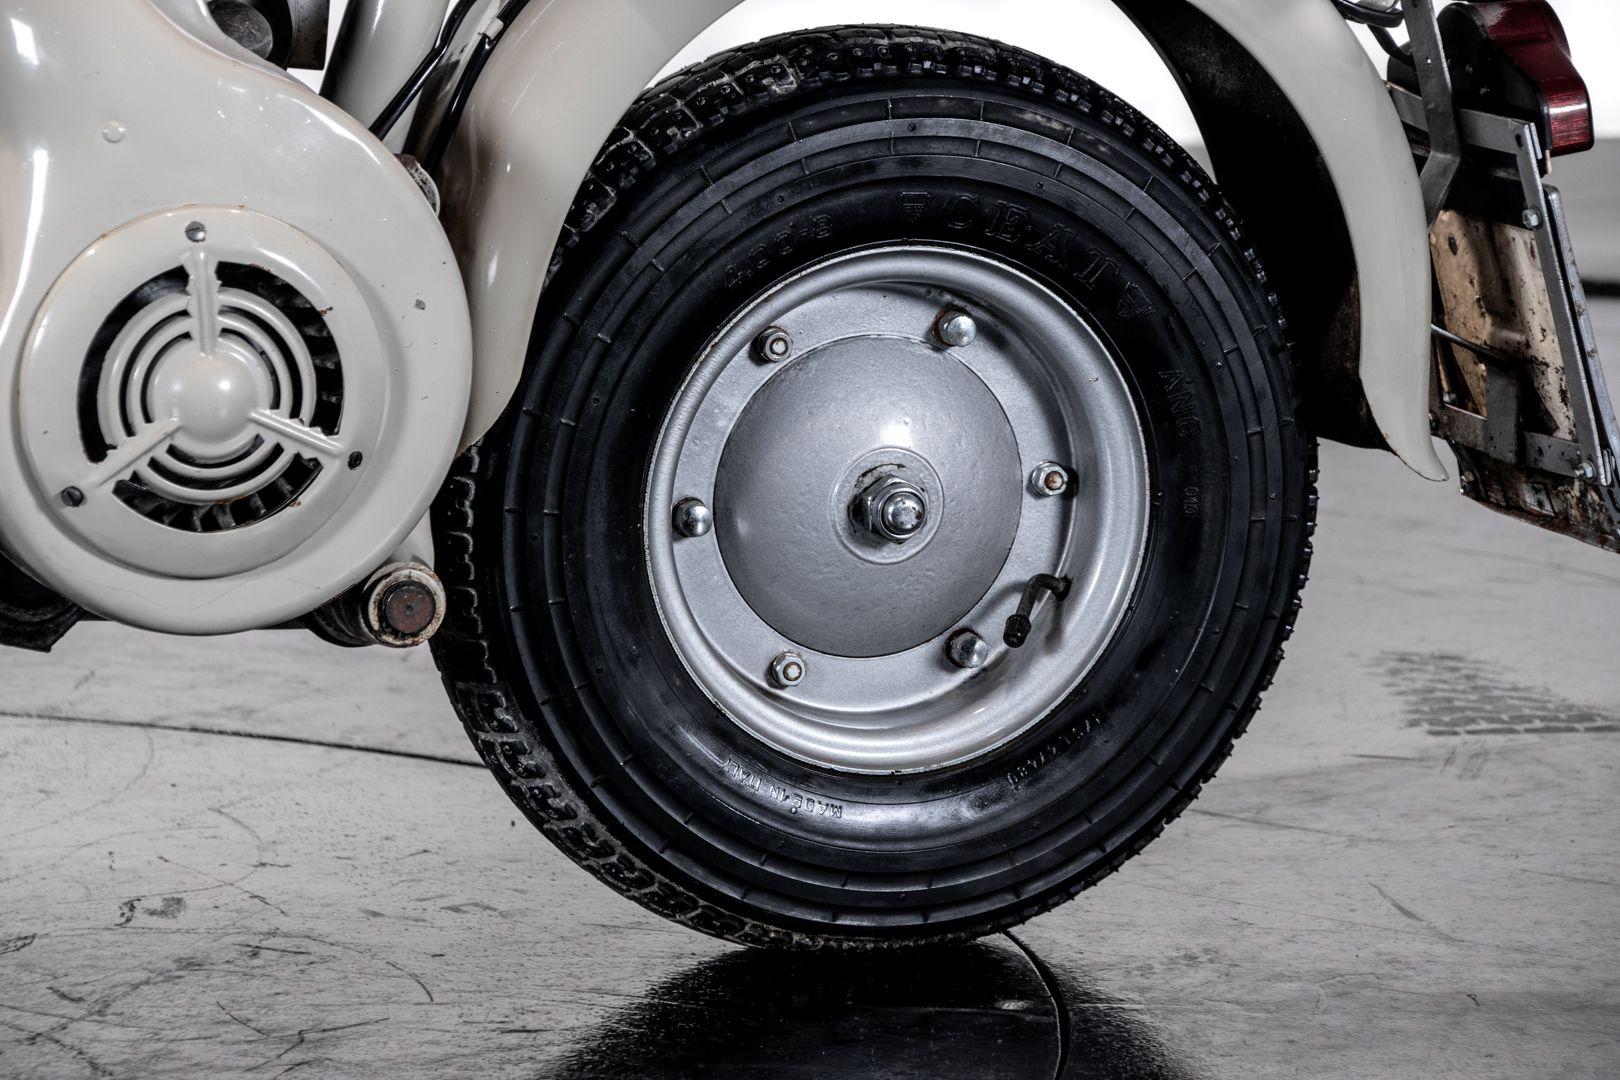 1955 Innocenti Lambretta 150 D 69198